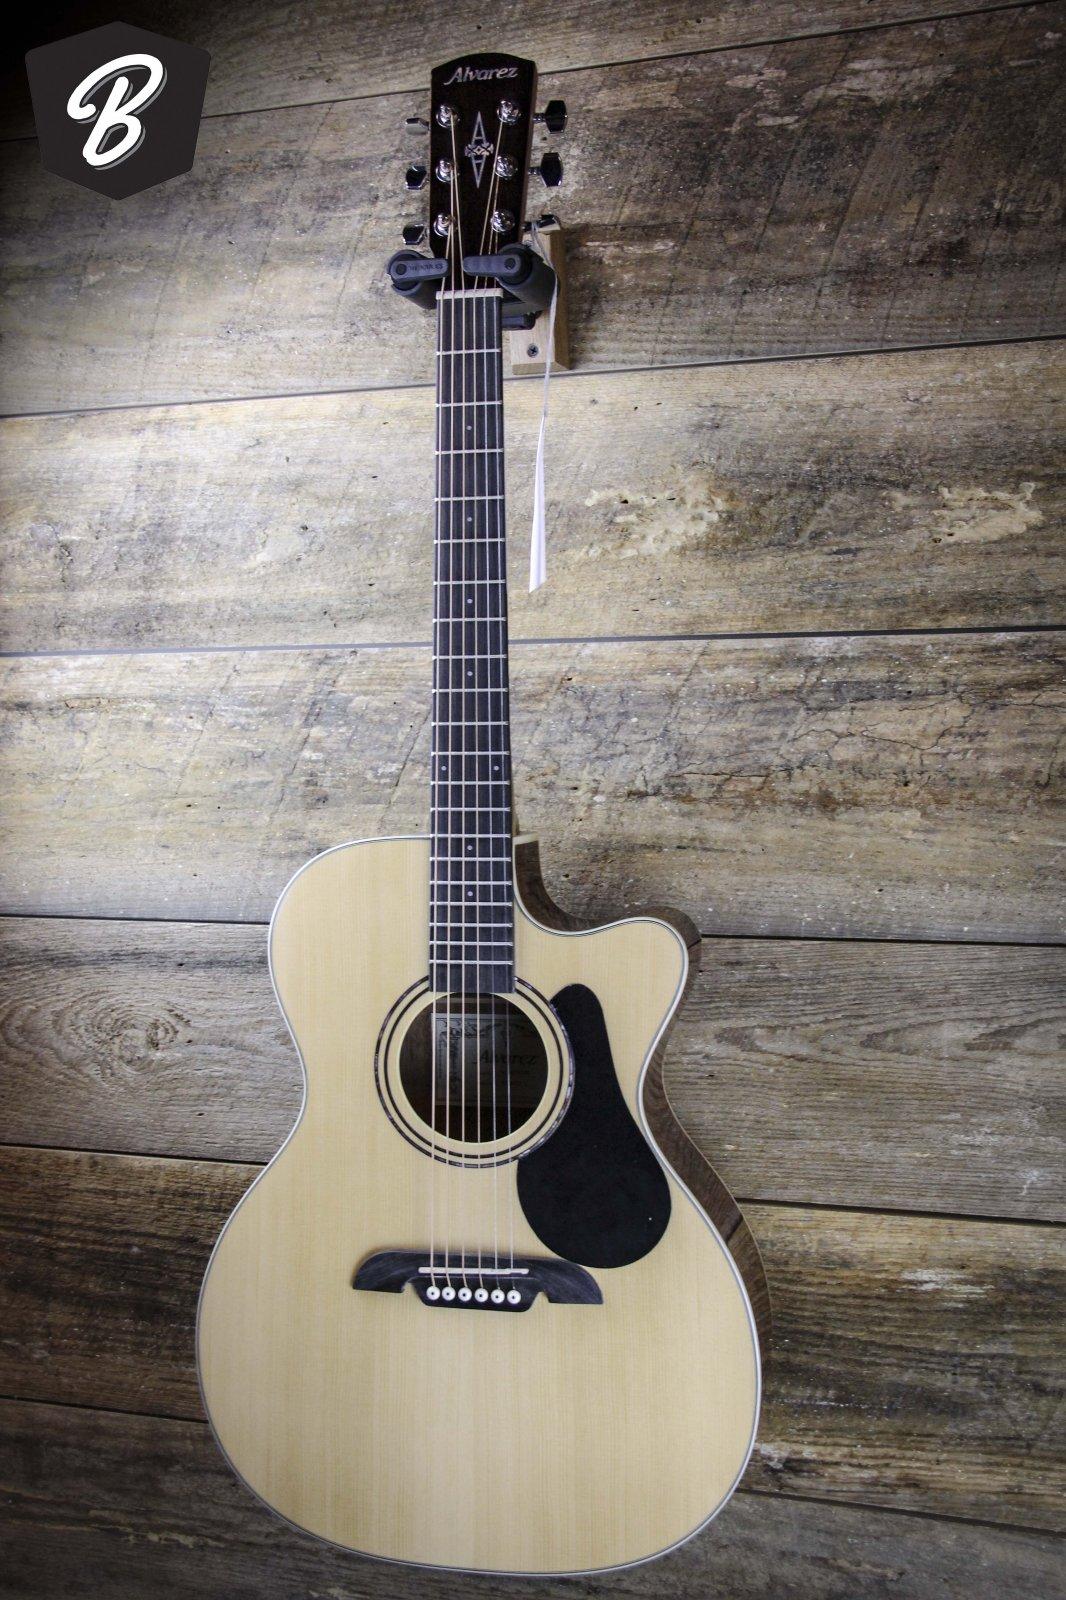 Alvarez RF26ce Acoustic Guitar Natural w/Gig Bag